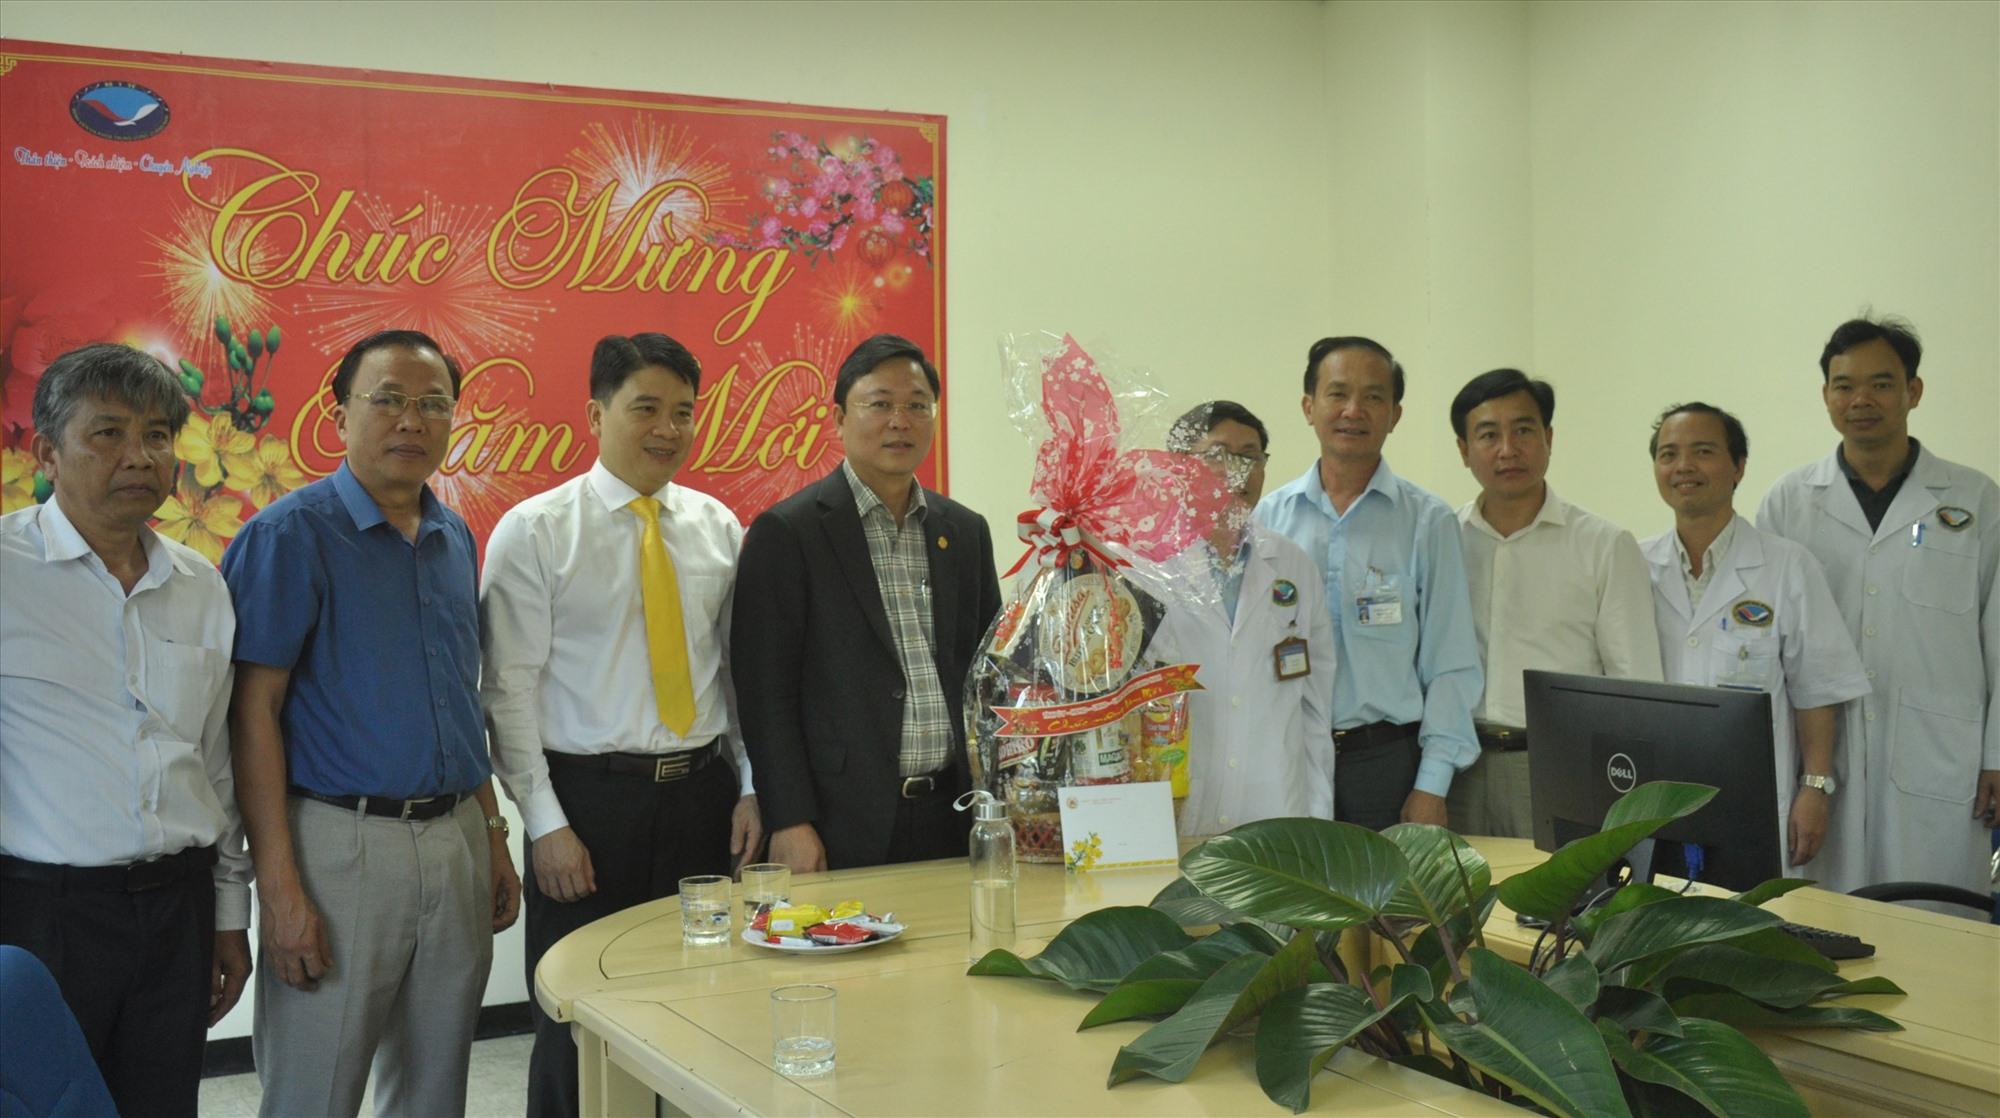 Đoàn công tác thăm, tặng quà và chúc Tết lãnh đạo, cán bộ y bác sĩ và nhân viên bệnh viện đa khoa Trung ương Quảng Nam.